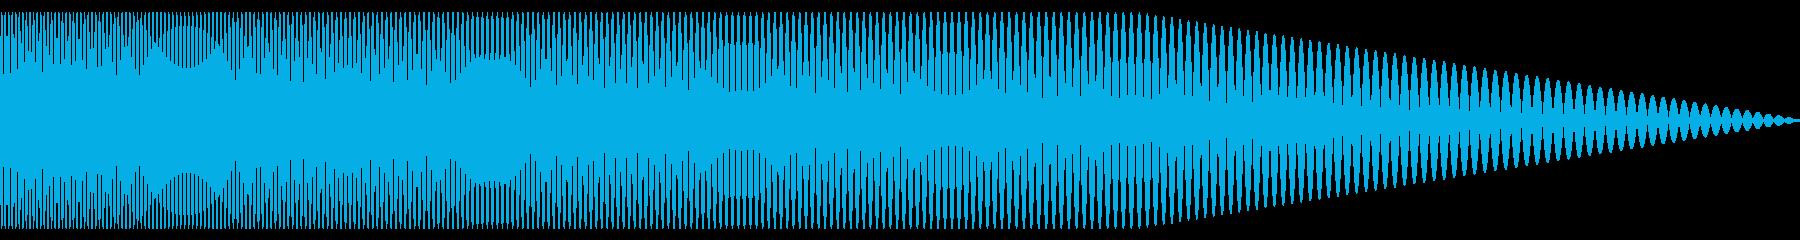 ハリウッド映画でよく聞く低音の効果音1の再生済みの波形